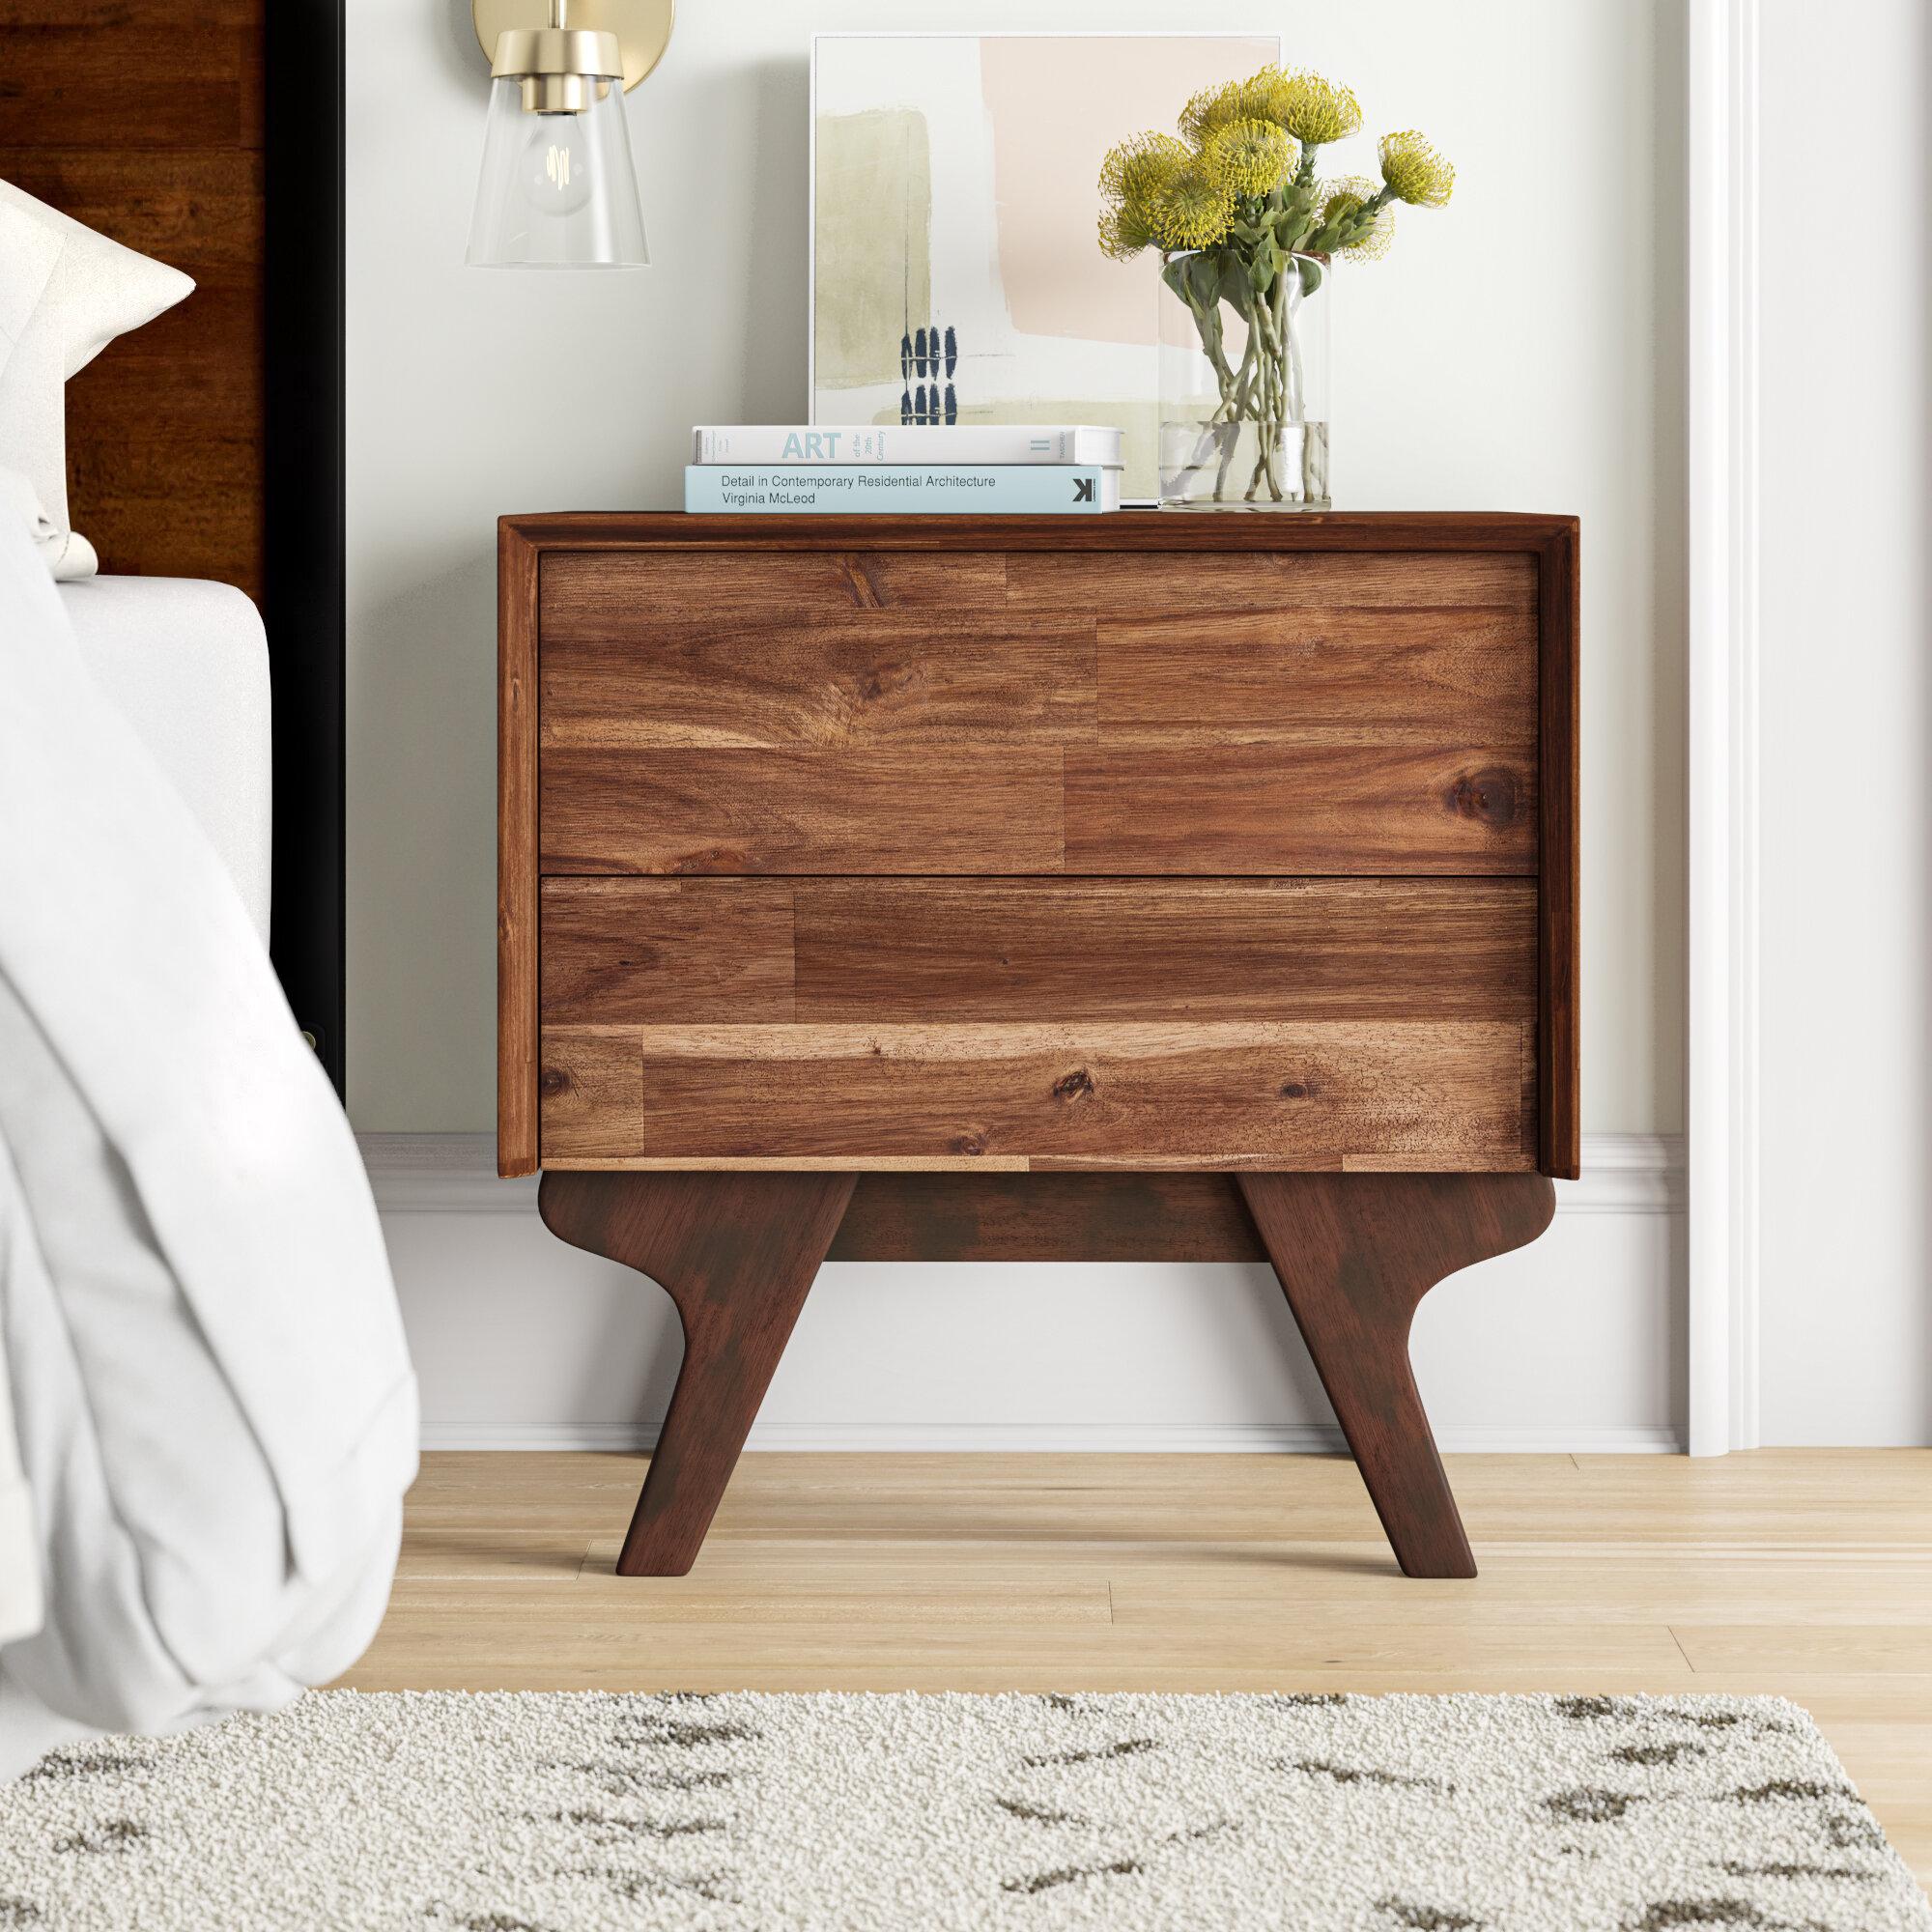 Belmar 11 Bed Nightstands You Ll Love In 2021 Wayfair